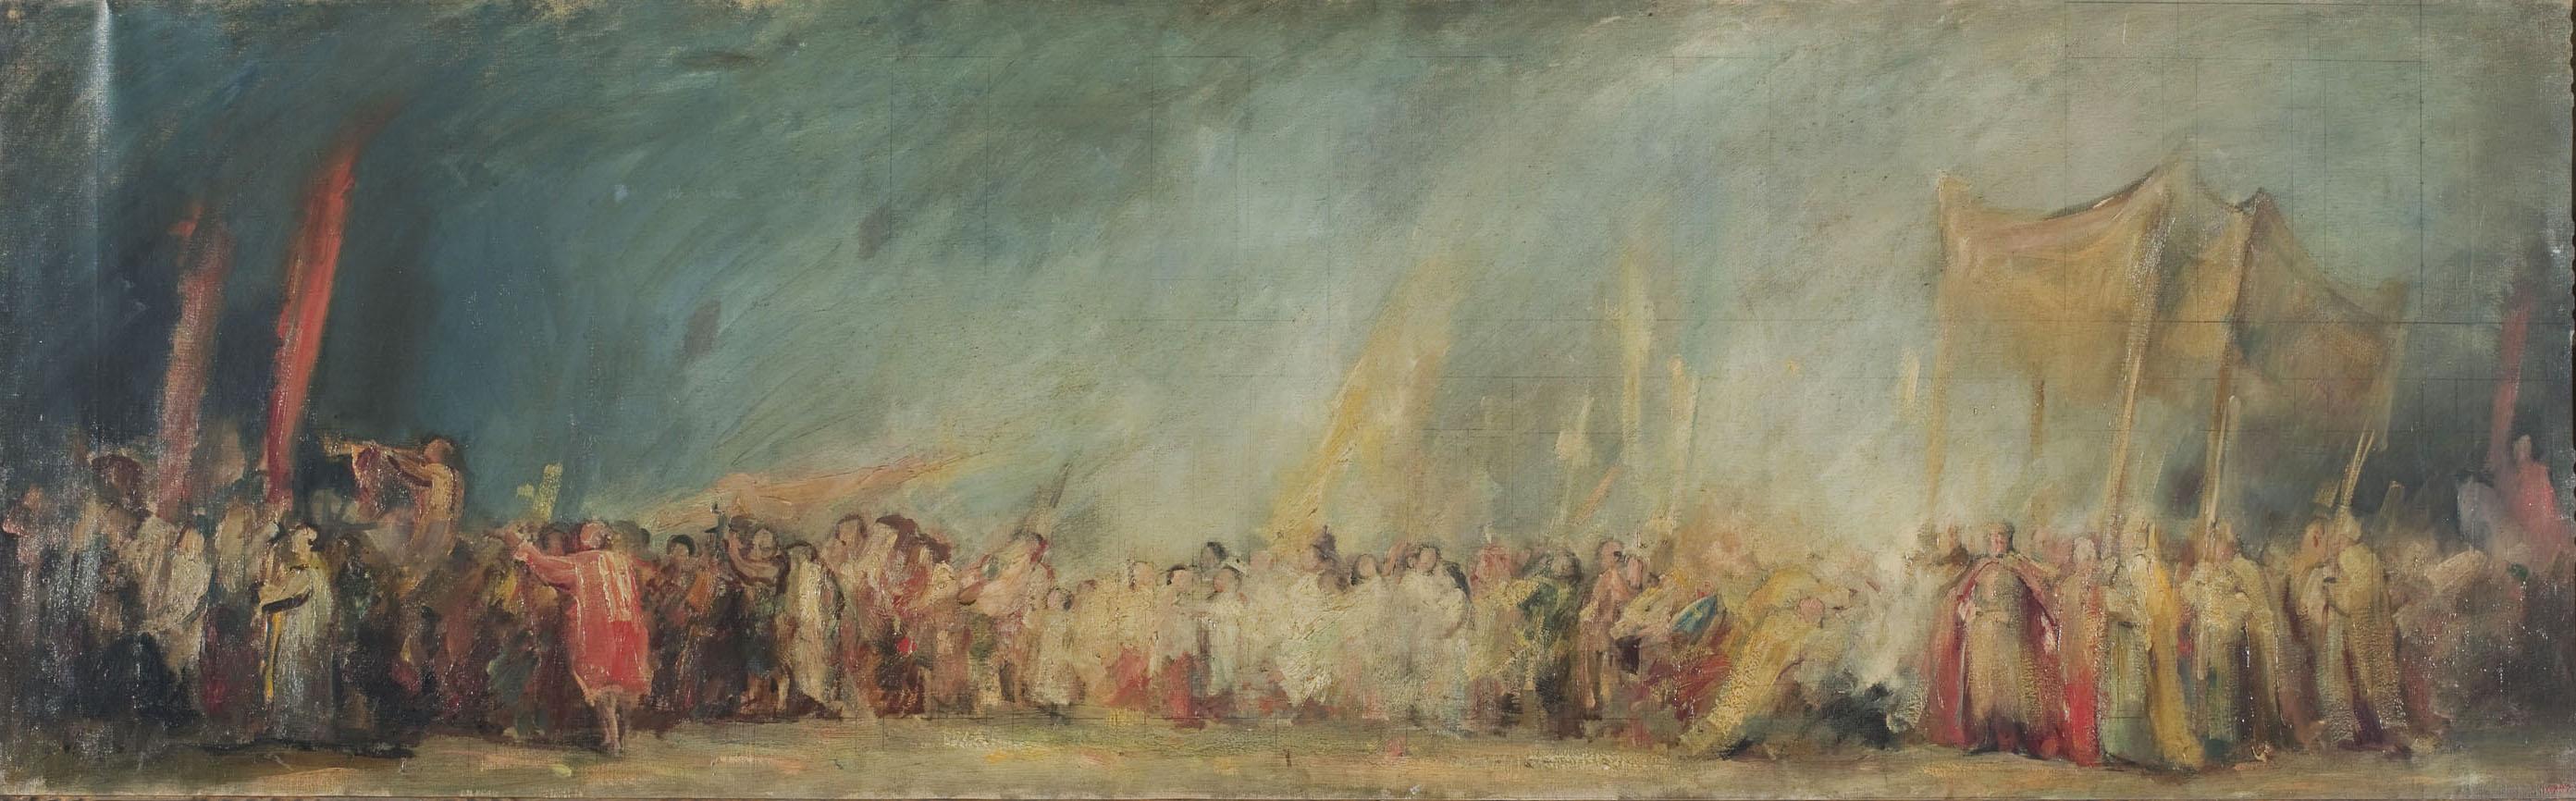 Aleix Clapés - Translació de les despulles de santa Eulàlia de Santa Maria del Mar a la catedral - Cap a 1890-1902